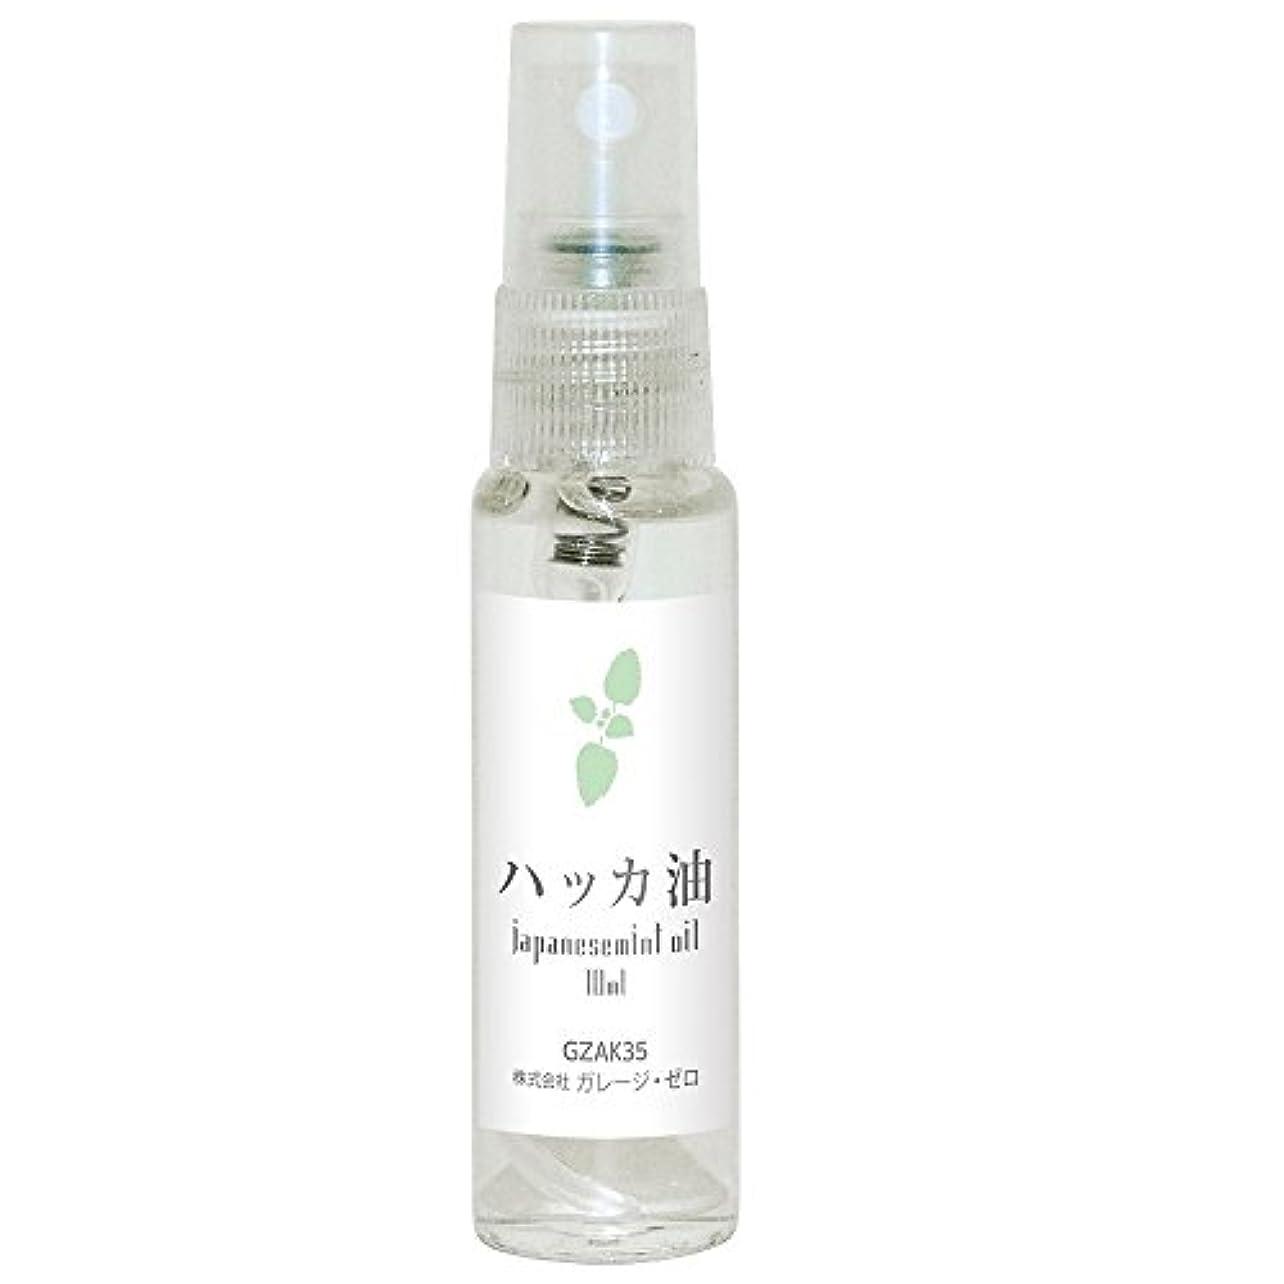 寄生虫溝ギャザーガレージゼロ ハッカ油 透明スプレー瓶入10ml GZAK35